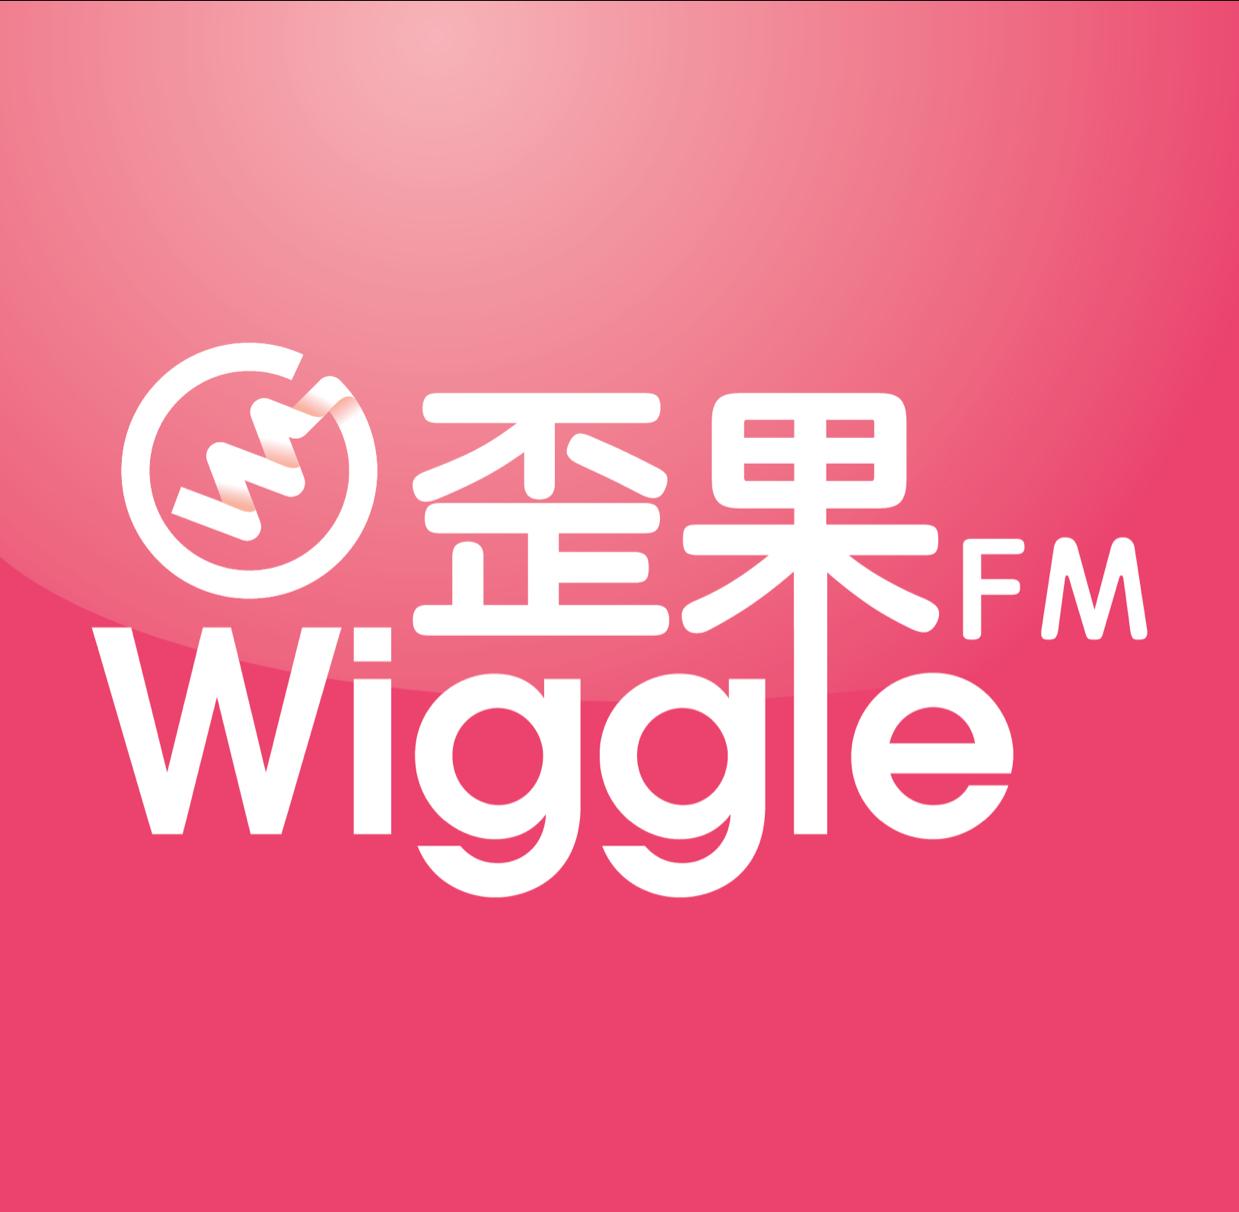 歪果电台WiggleFM